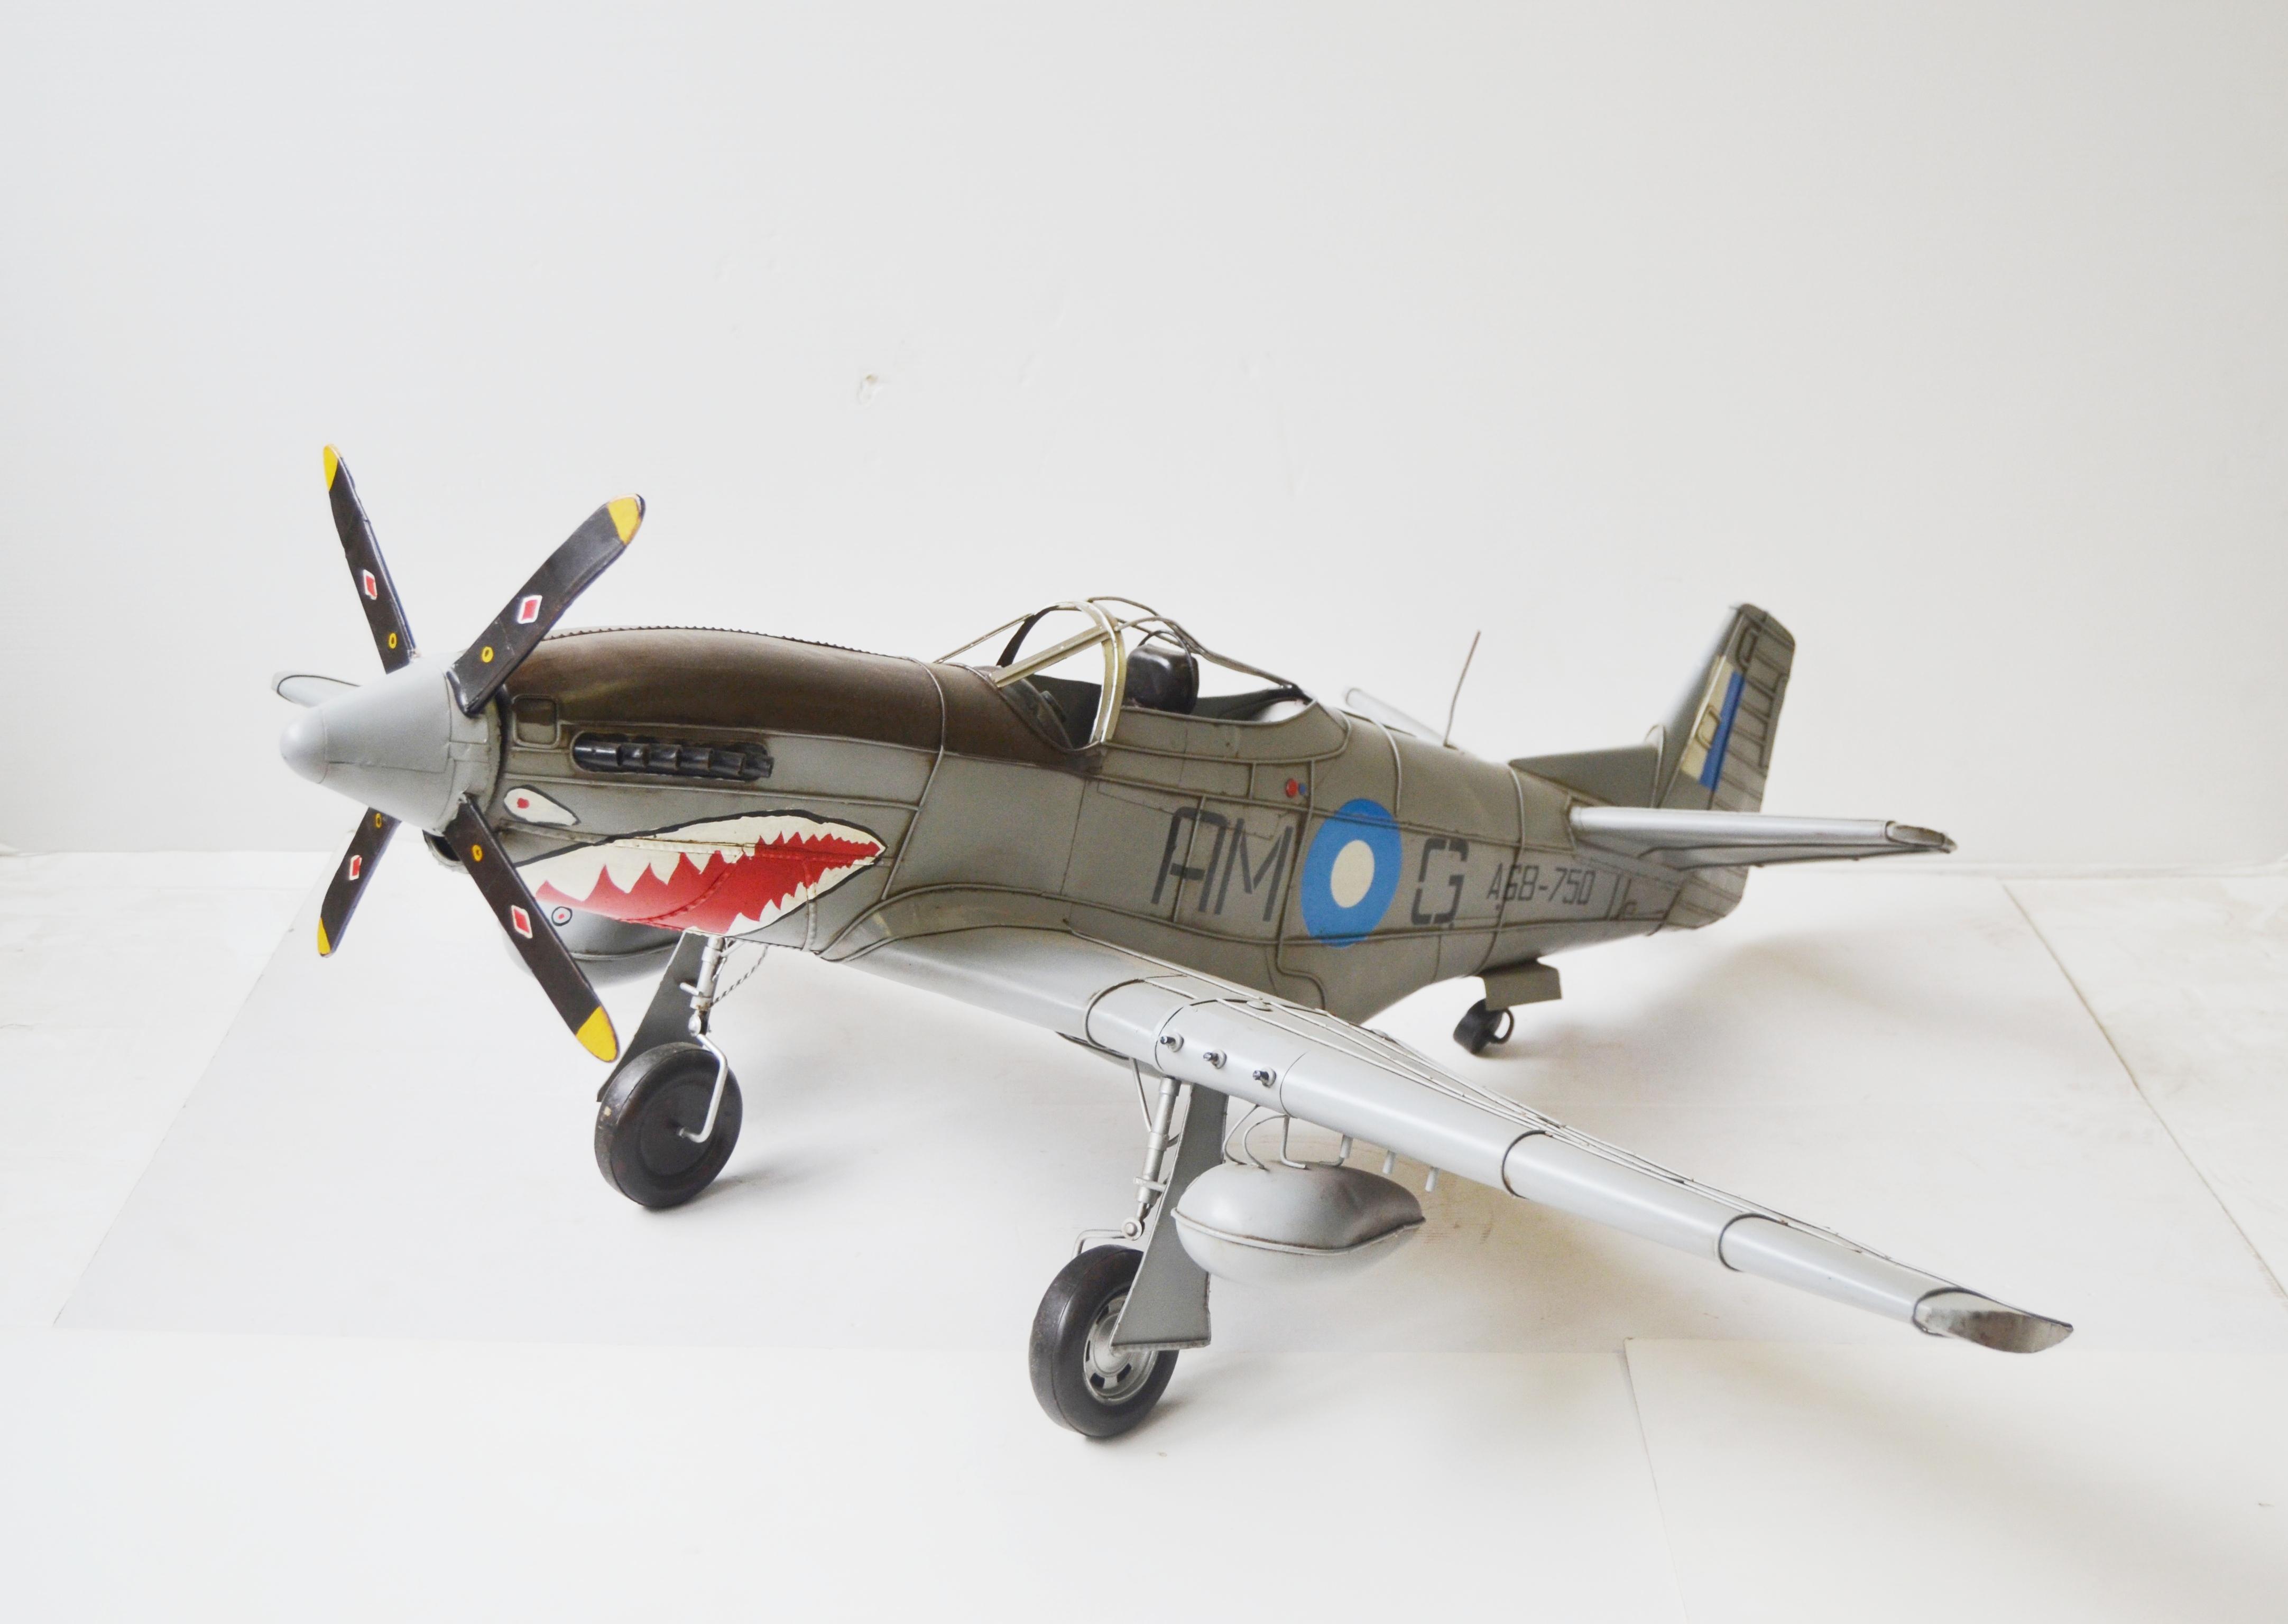 mustang p51 flugzeug modell jagdflugzeug flugzeugmodell. Black Bedroom Furniture Sets. Home Design Ideas